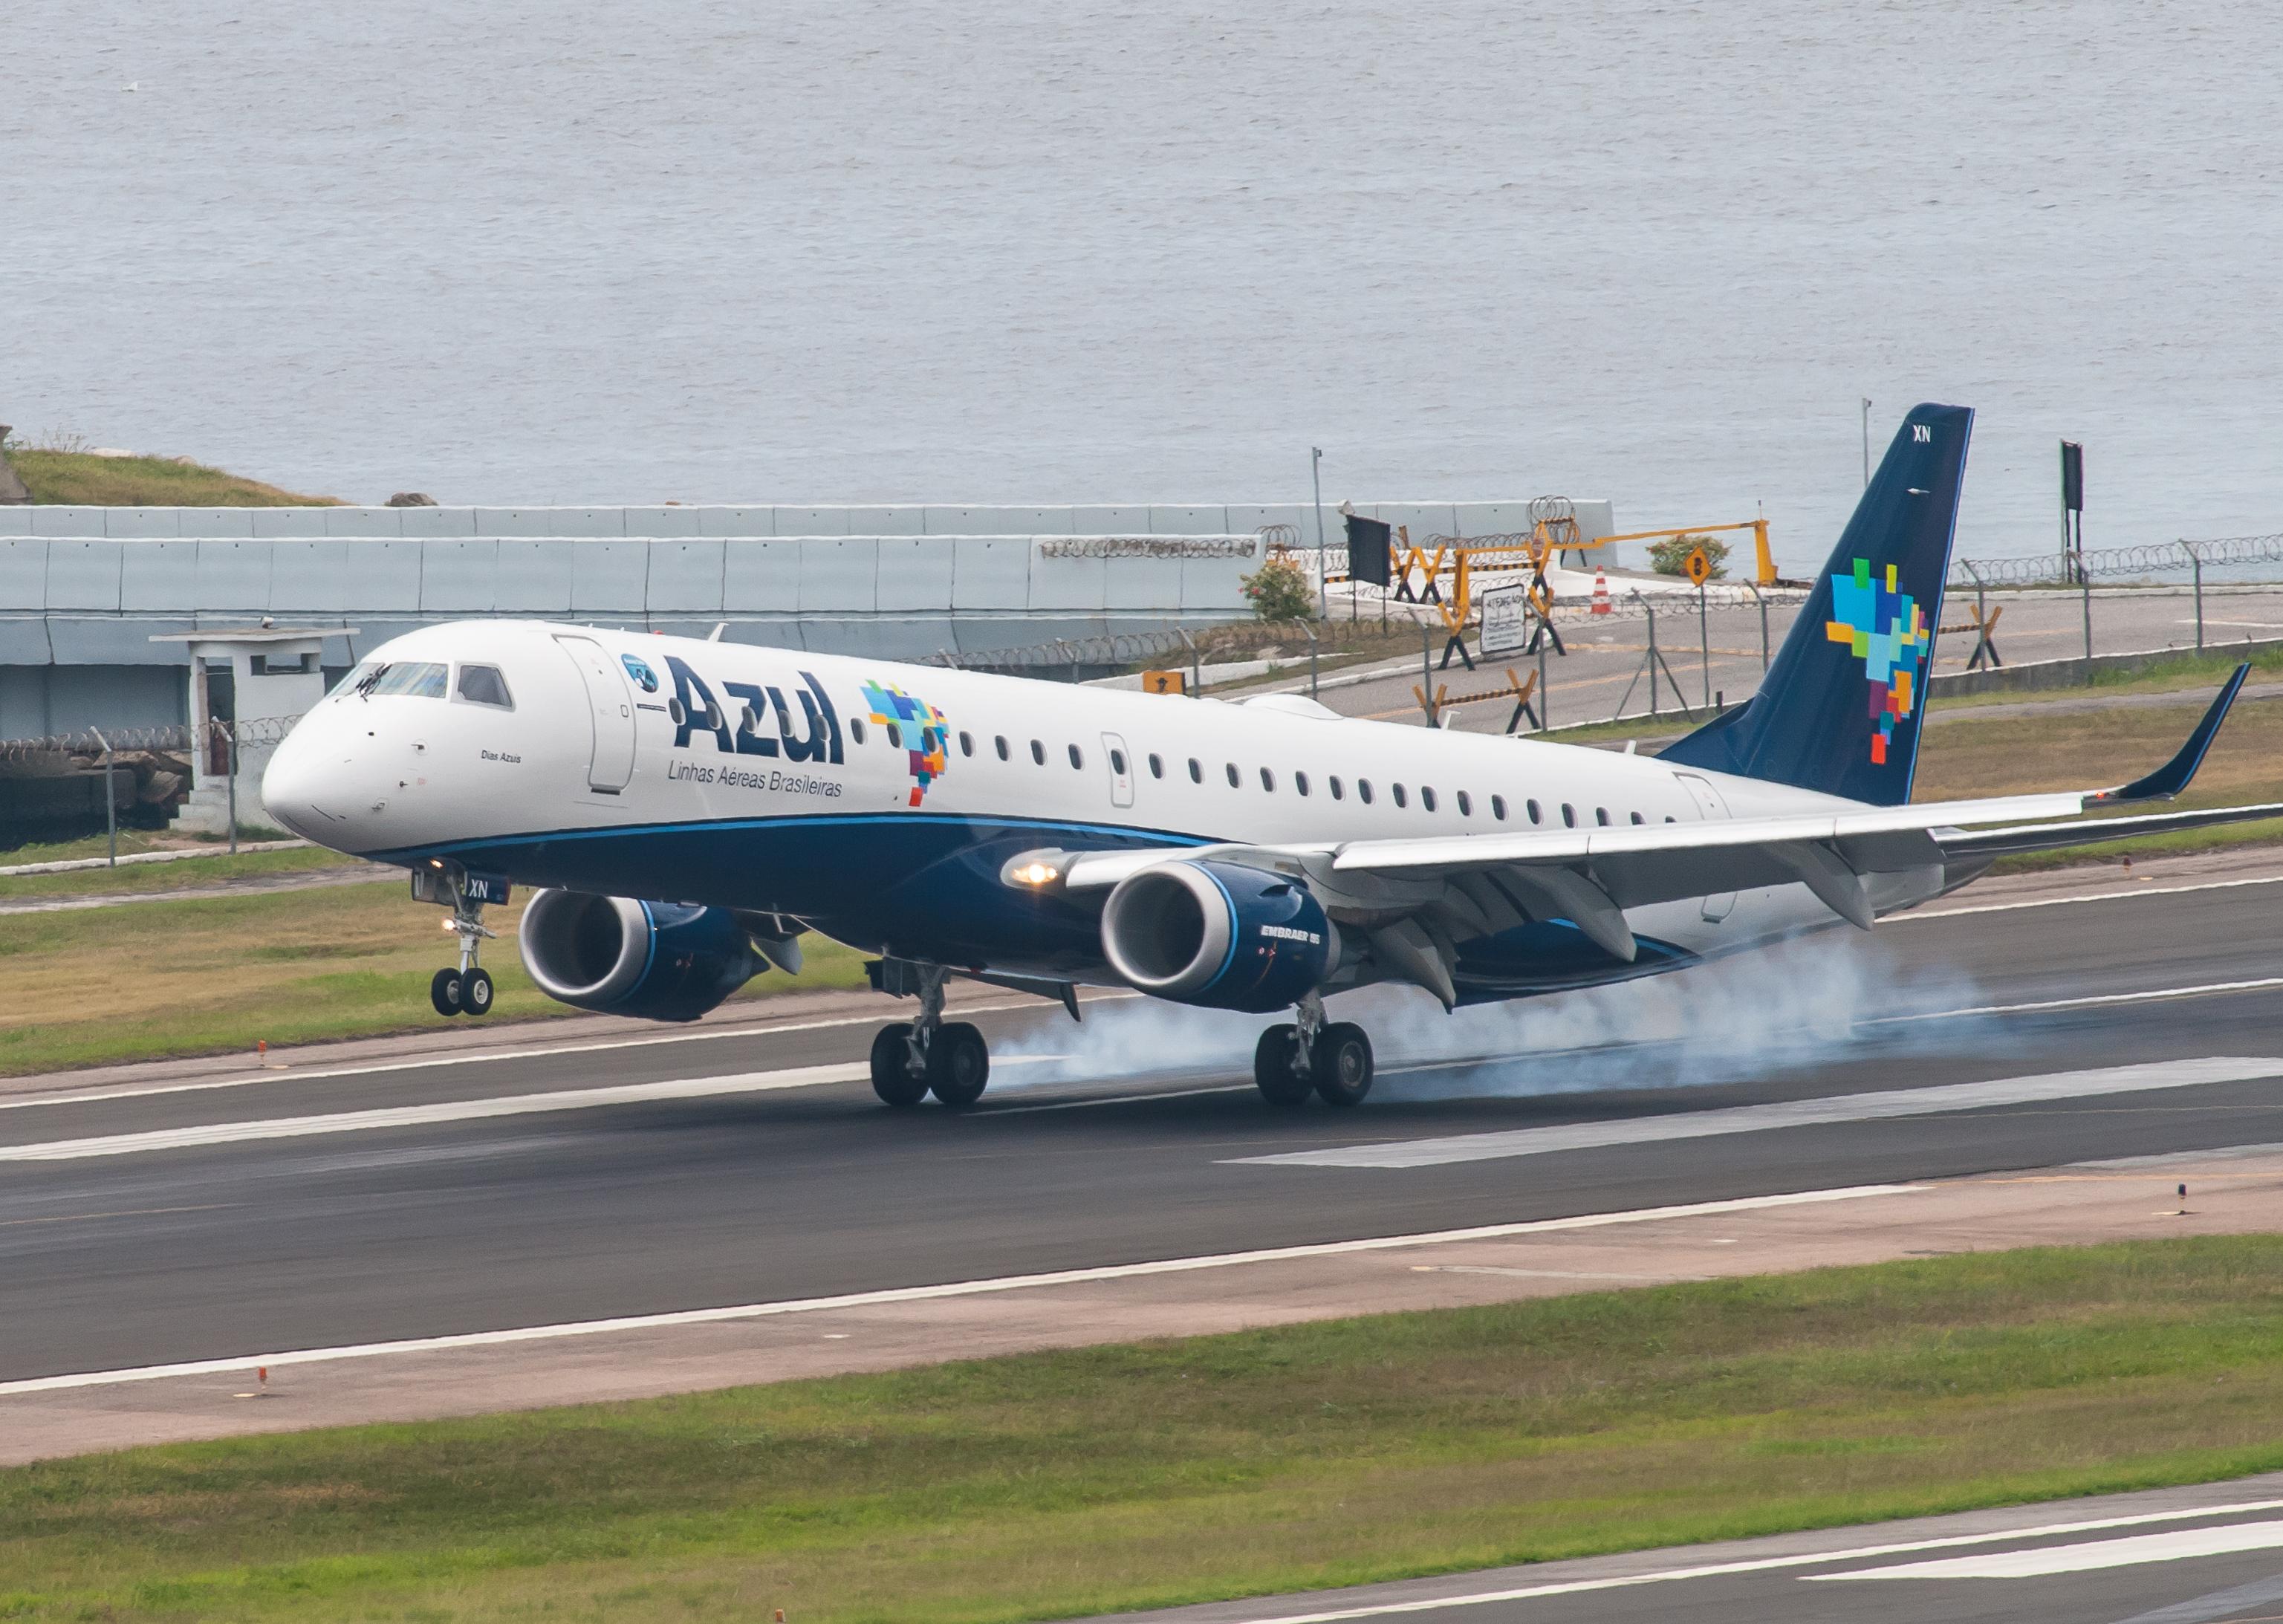 5f7a7deaf7ee Ficheiro:Embraer 195 (PR-AXN) of Azul Linhas Aéreas Brasileiras at Santos